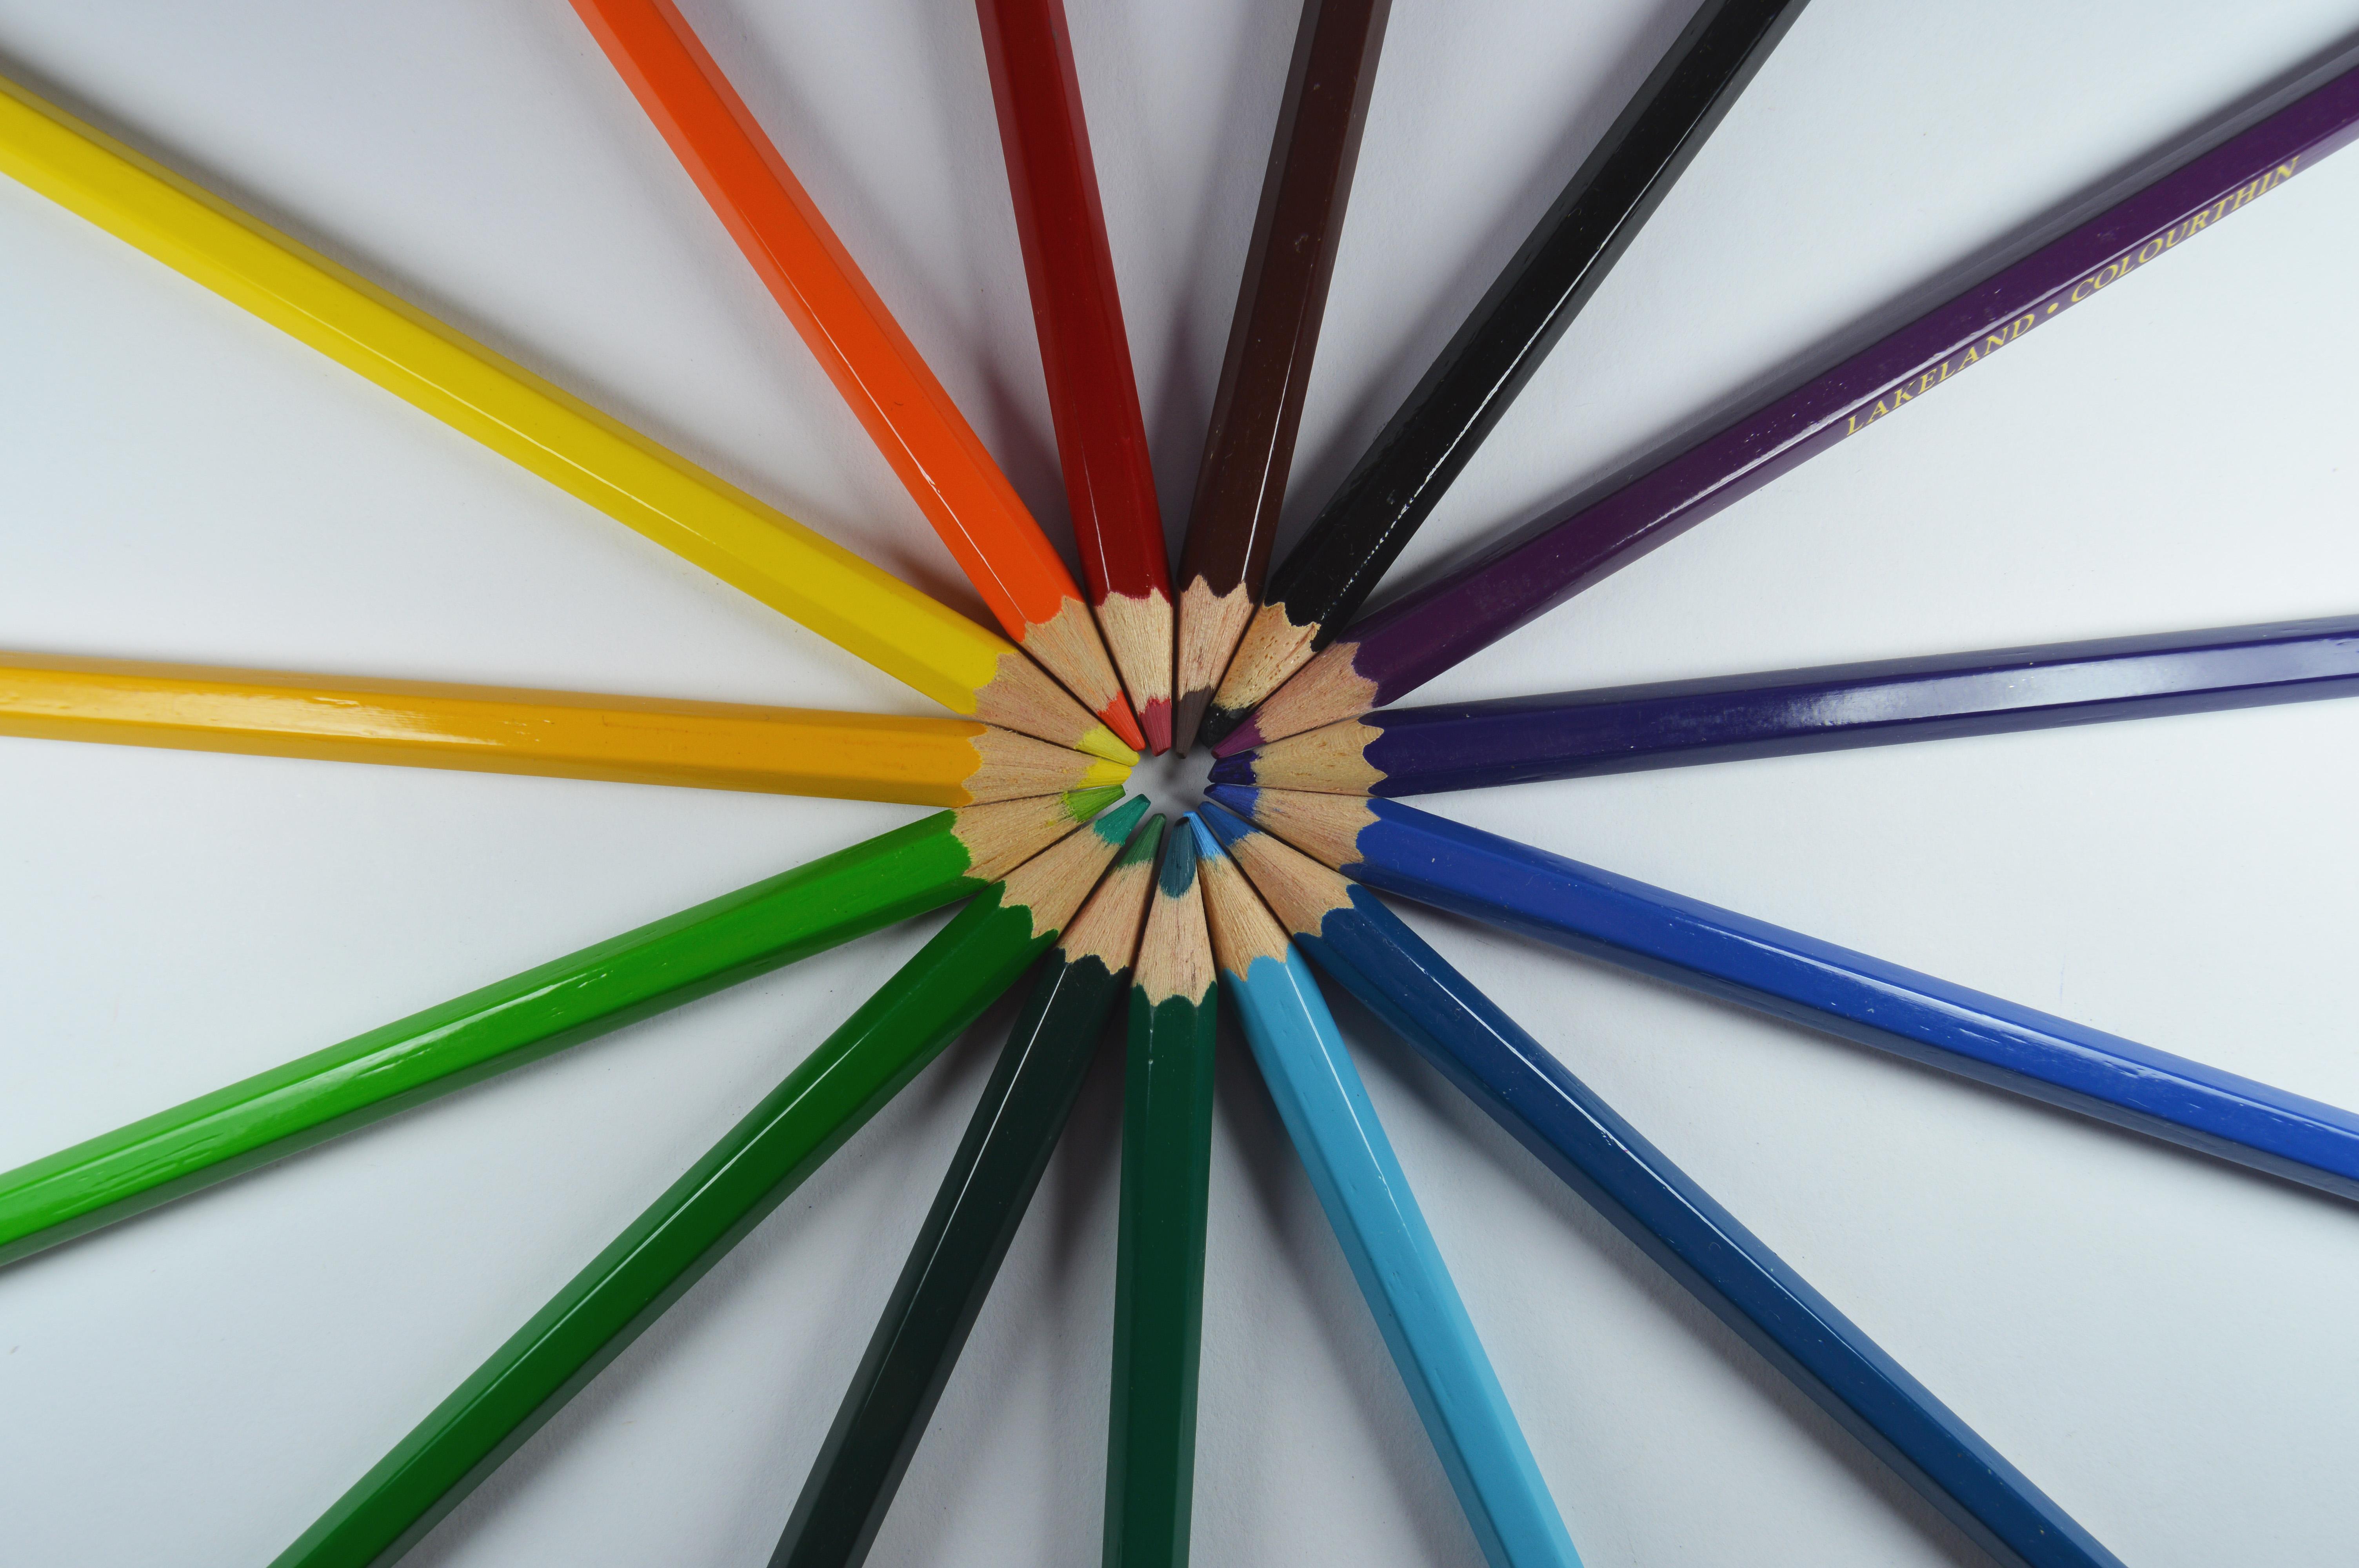 trabajo, creatividad, color, impresiones artísticas,